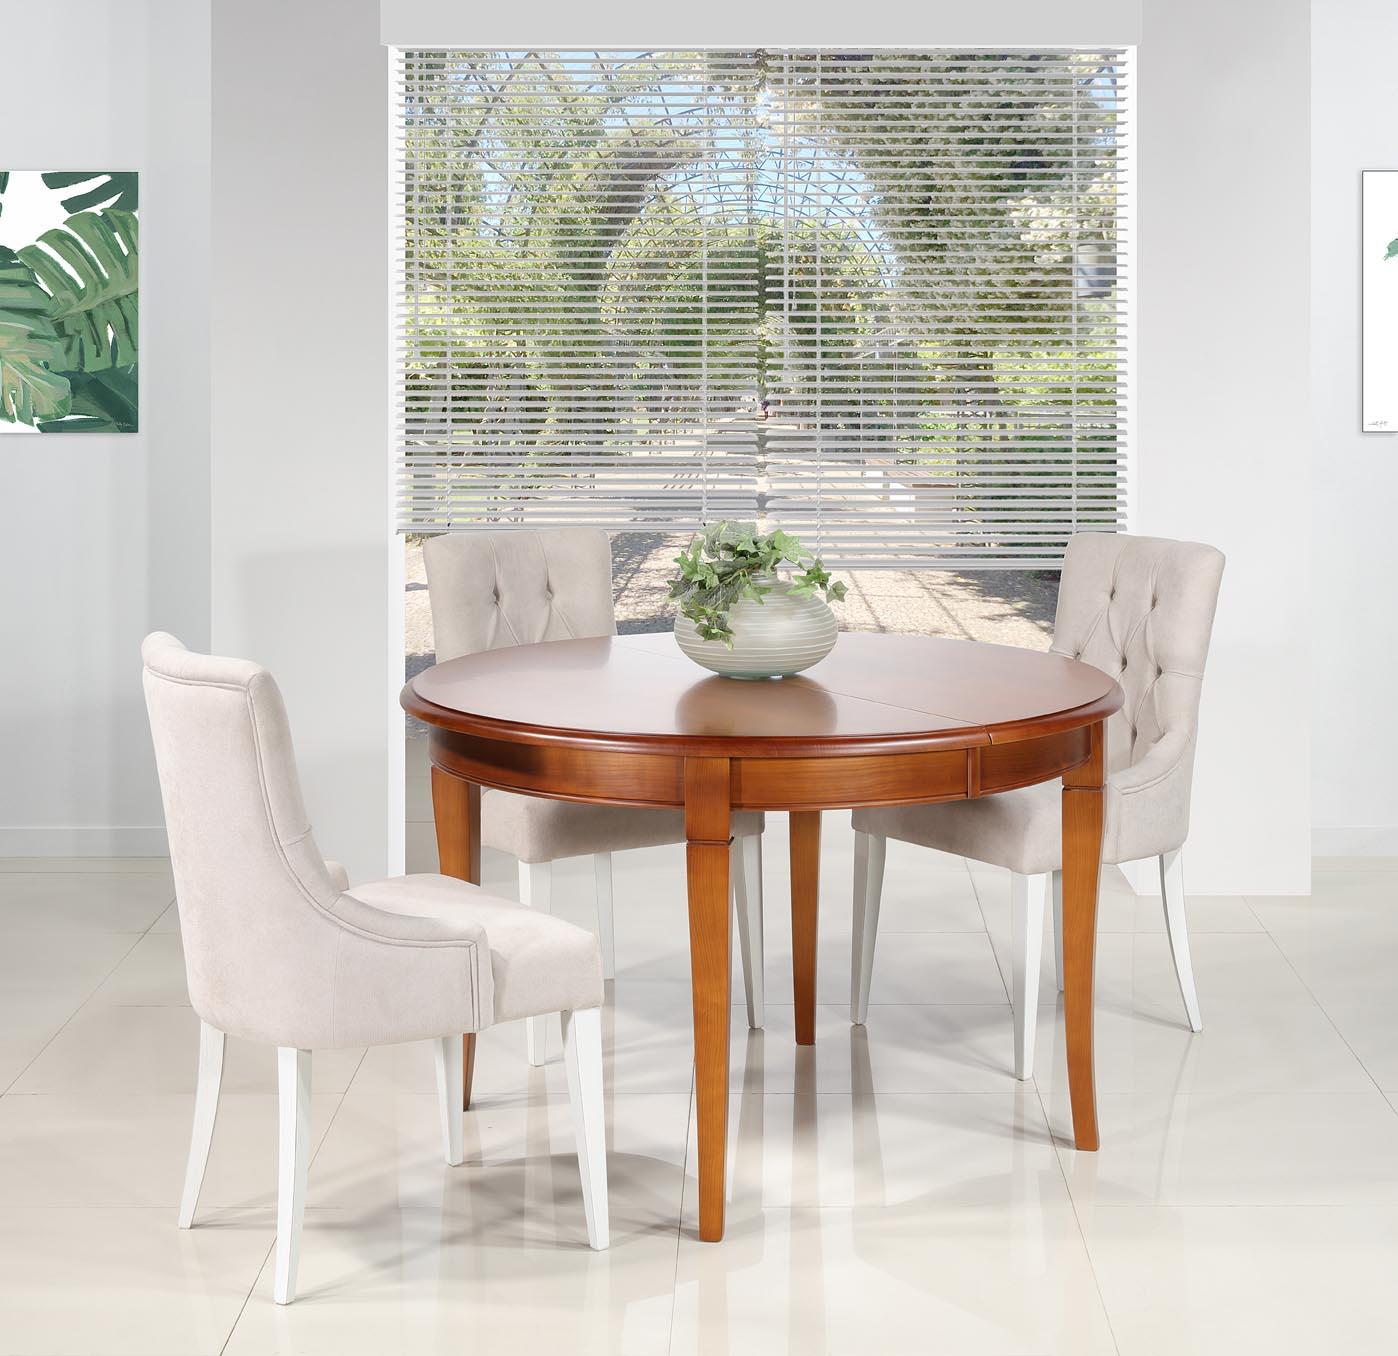 Table ronde 4 pieds sabres Camille  en merisier massif de style Louis Philippe DIAM.120 +  2 allonges de 40 cm SEULEMENT 1 DISPONIBLE